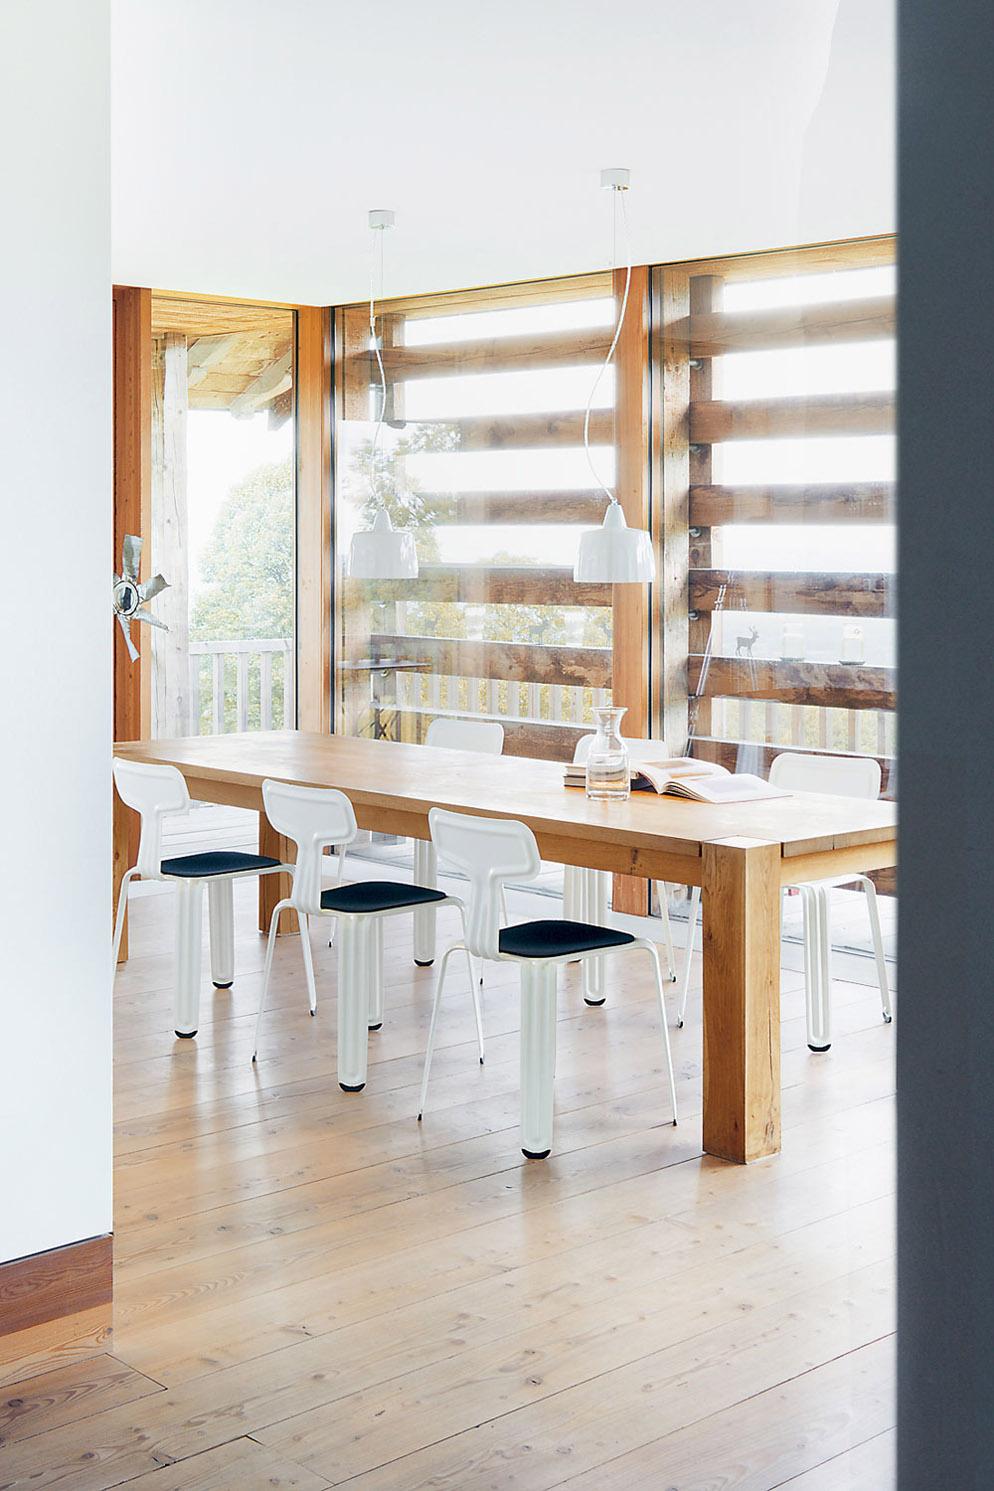 pressed-chair-08.jpg